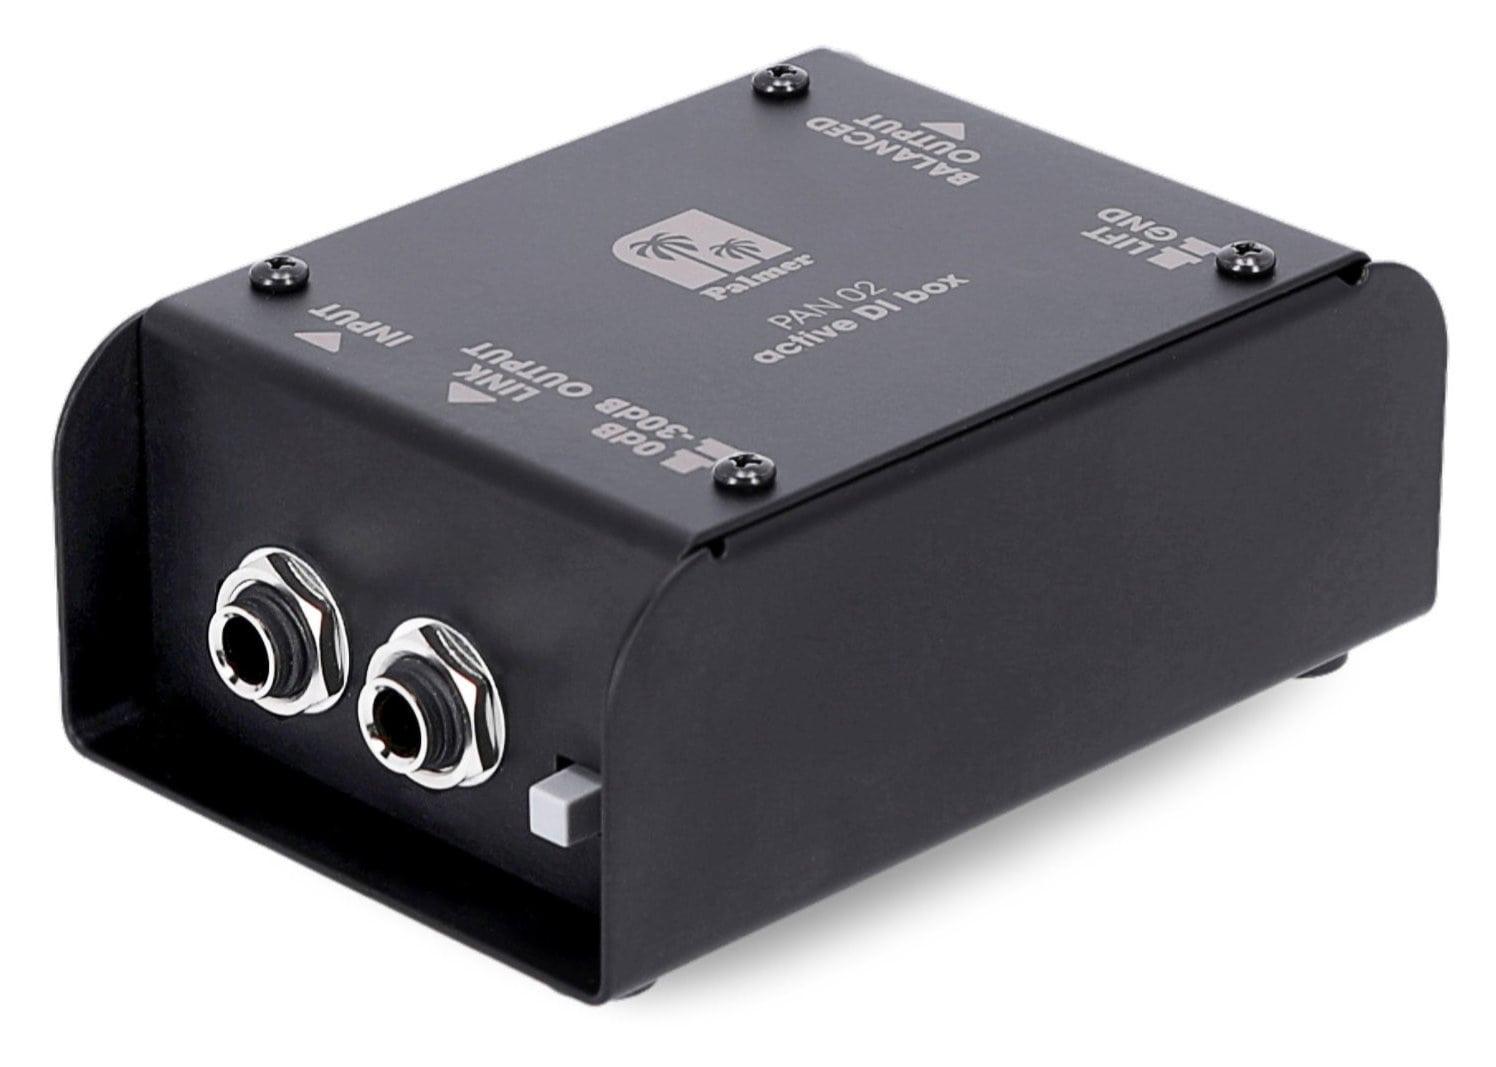 Palmer PAN02 aktive DI Box Retoure (Zustand gut)